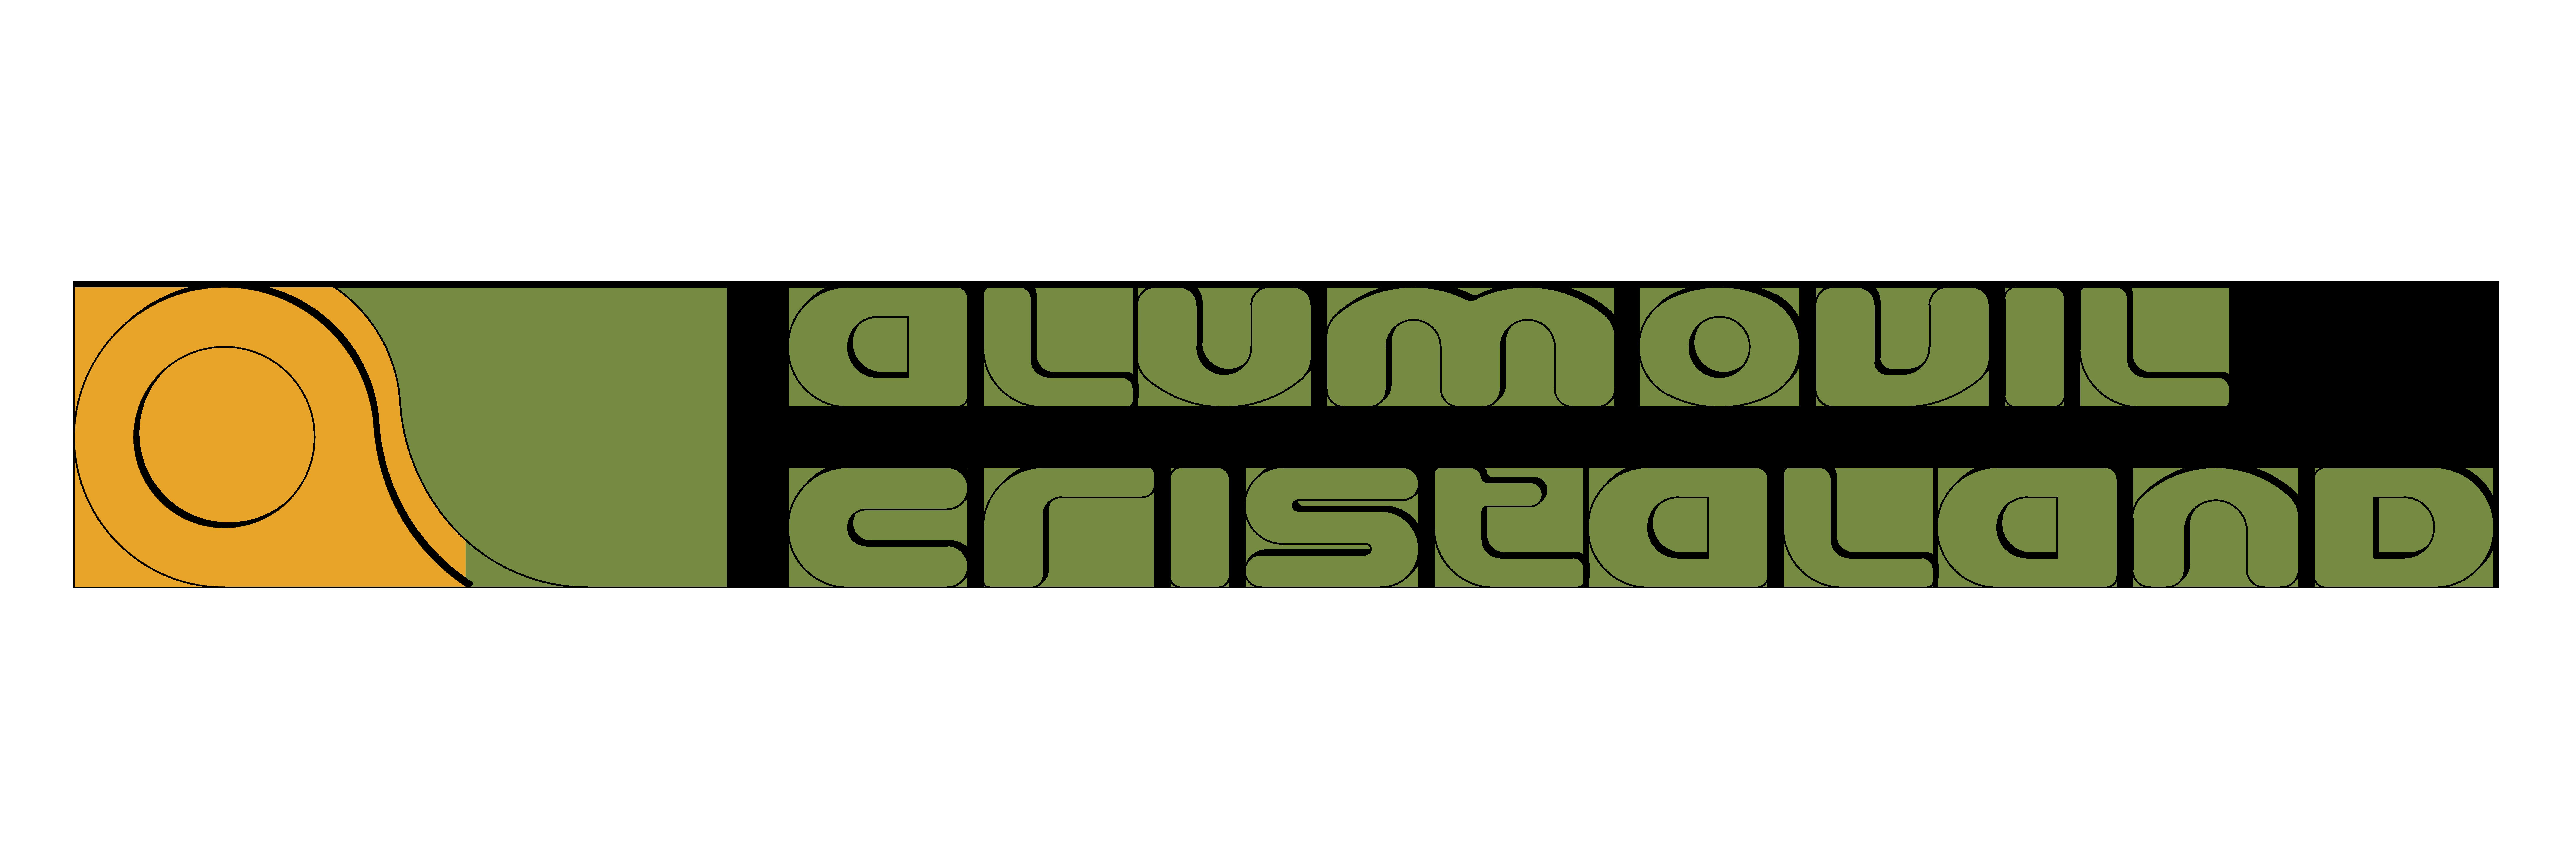 Alumovil